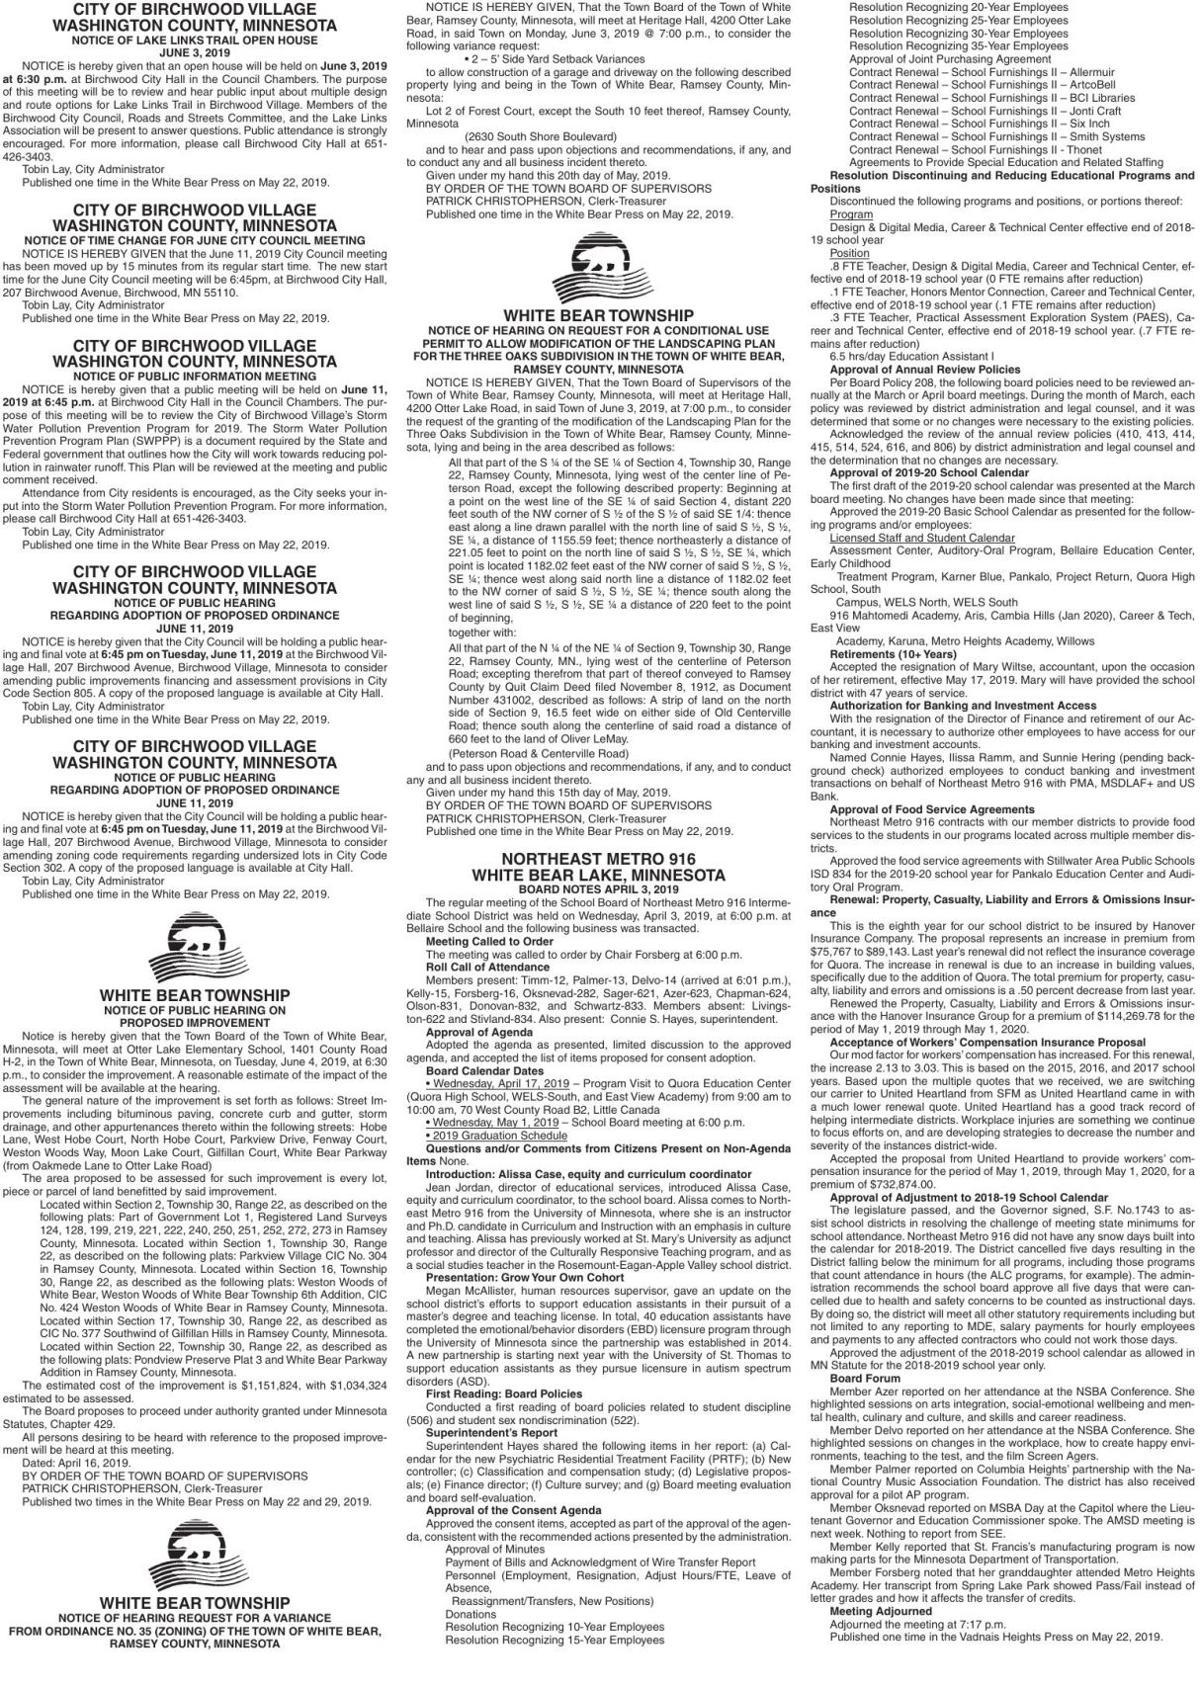 Legals WBVH 5-22-19